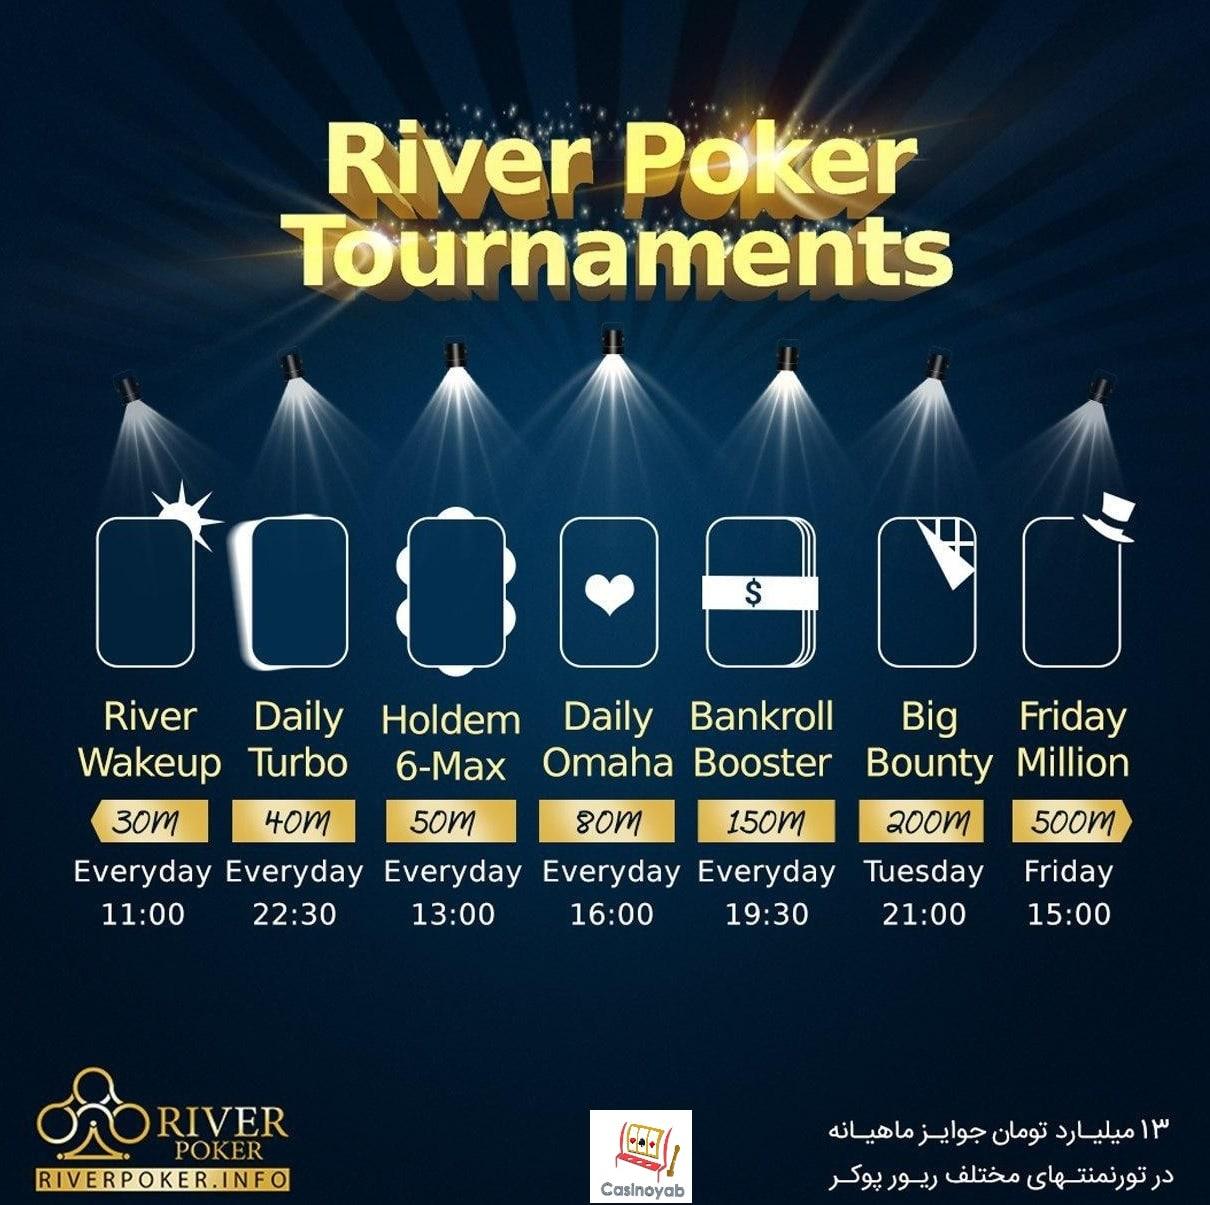 لیست تورنمنت های ریور پوکر river poker